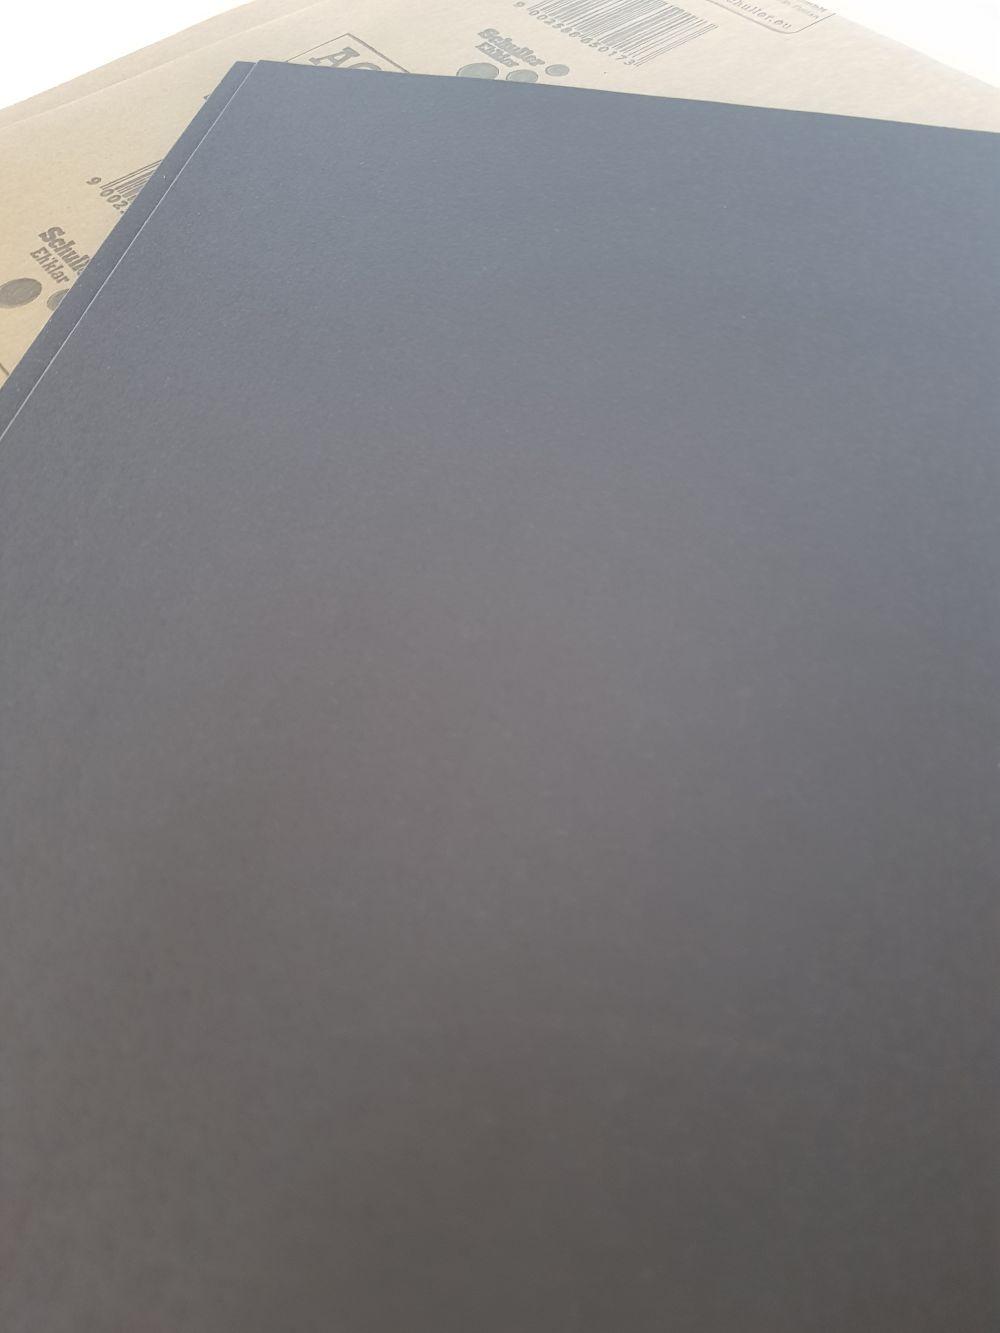 Vizes csiszolópapír P1200 Klingspor BAUplaza Kft.